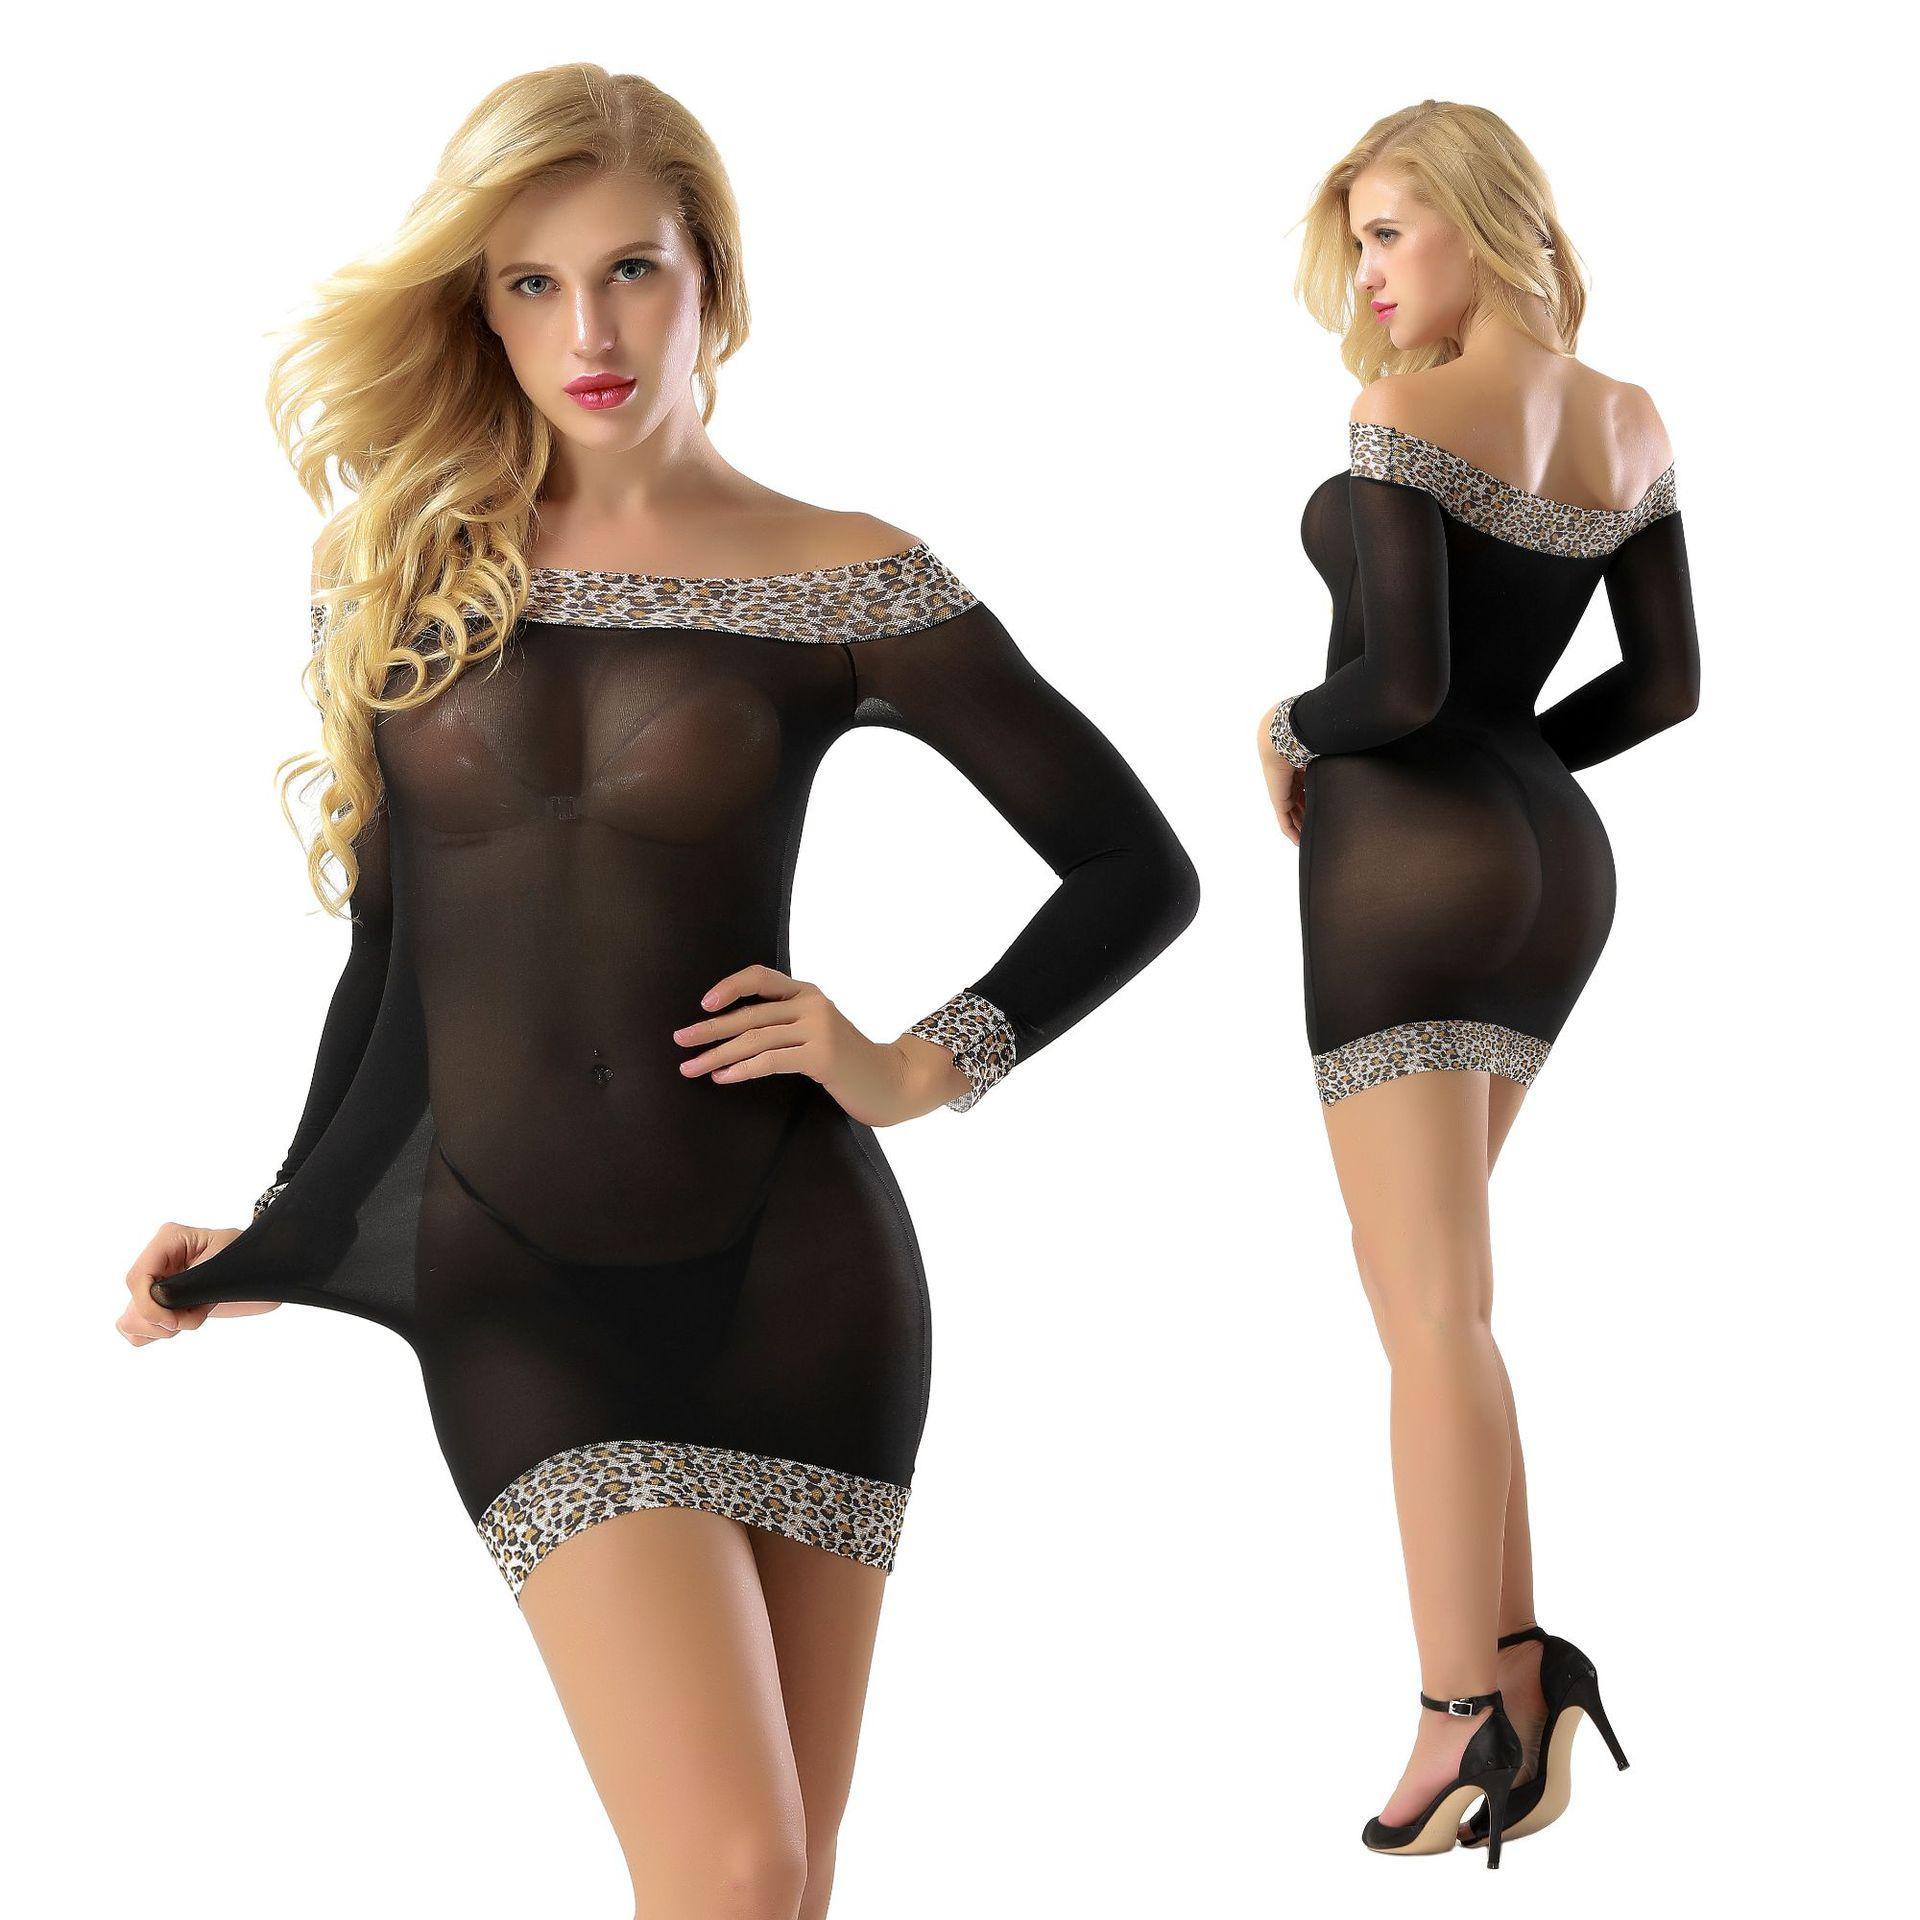 Sexy érotique Babydoll imprimé léopard Jupe ouverte épaule dentelle Lingerie Sexy Hot Caliente sexy Sous-vêtements Lingerie Costume